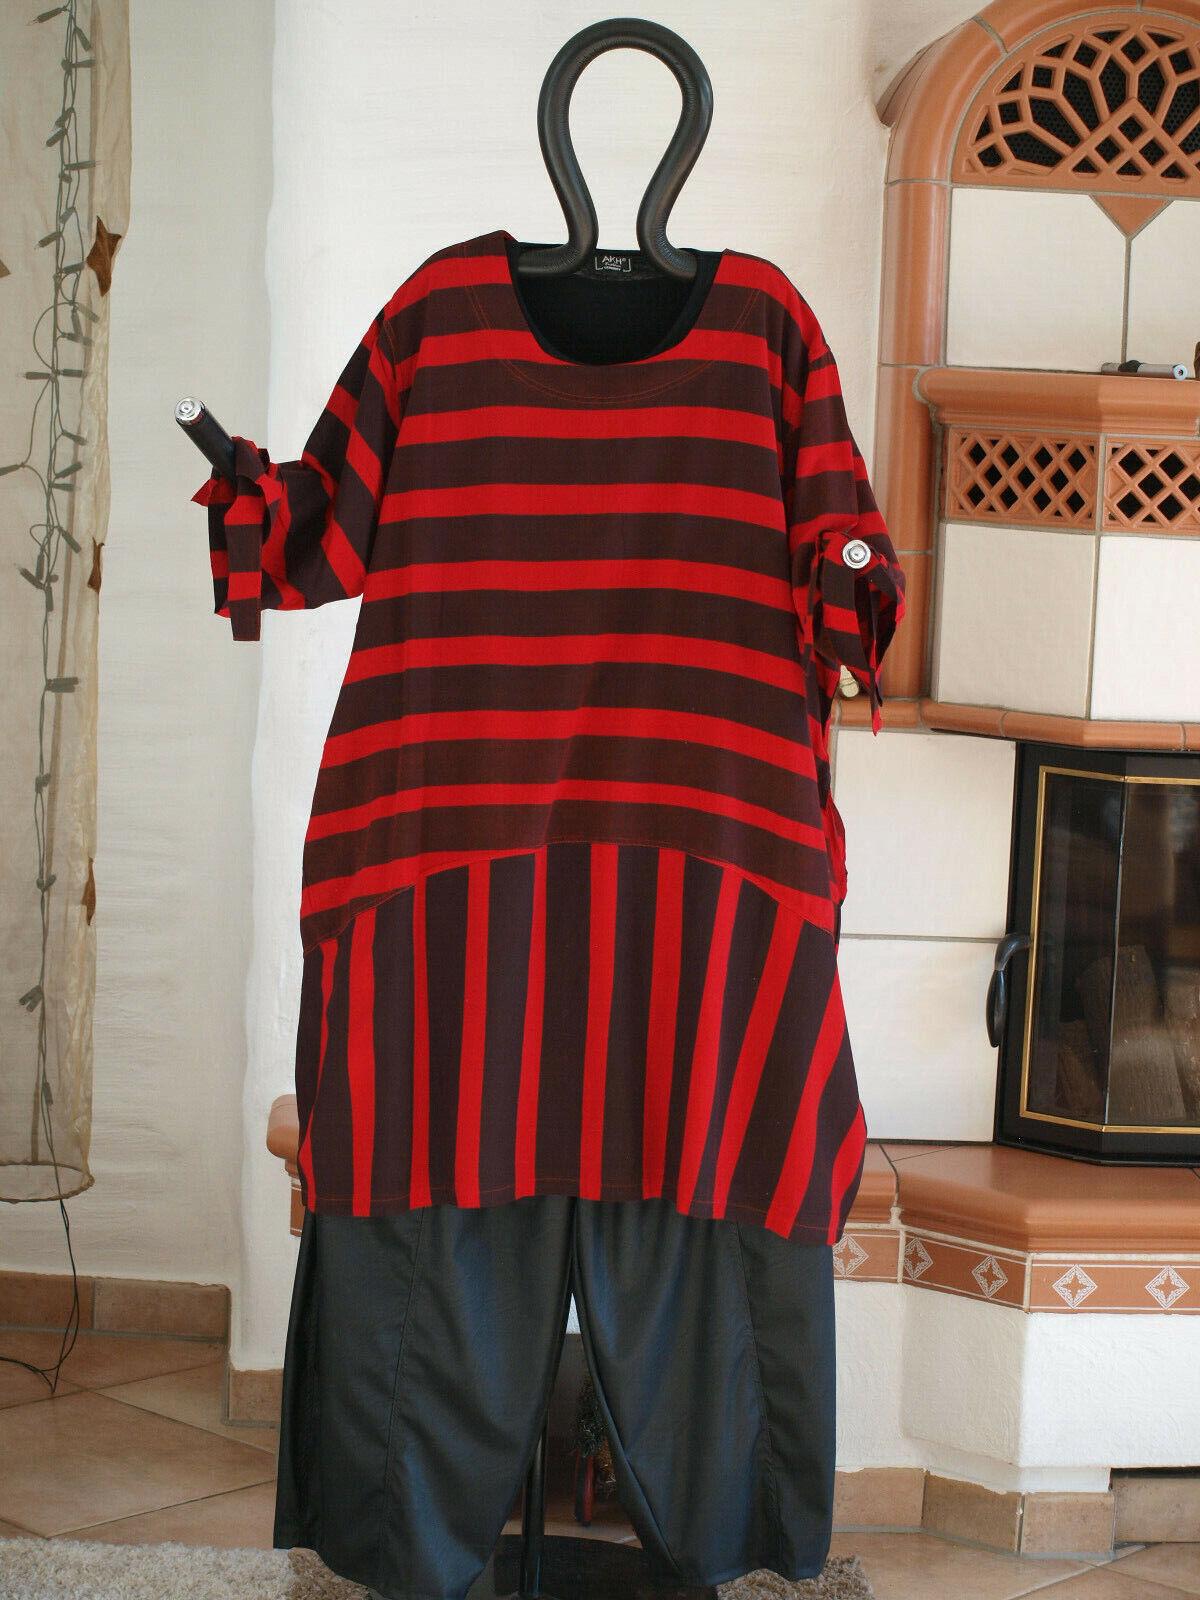 1840 LABASS Lagenlook Big Shirt Ballonform schwarz rot gestreift Gr. XL 48 50